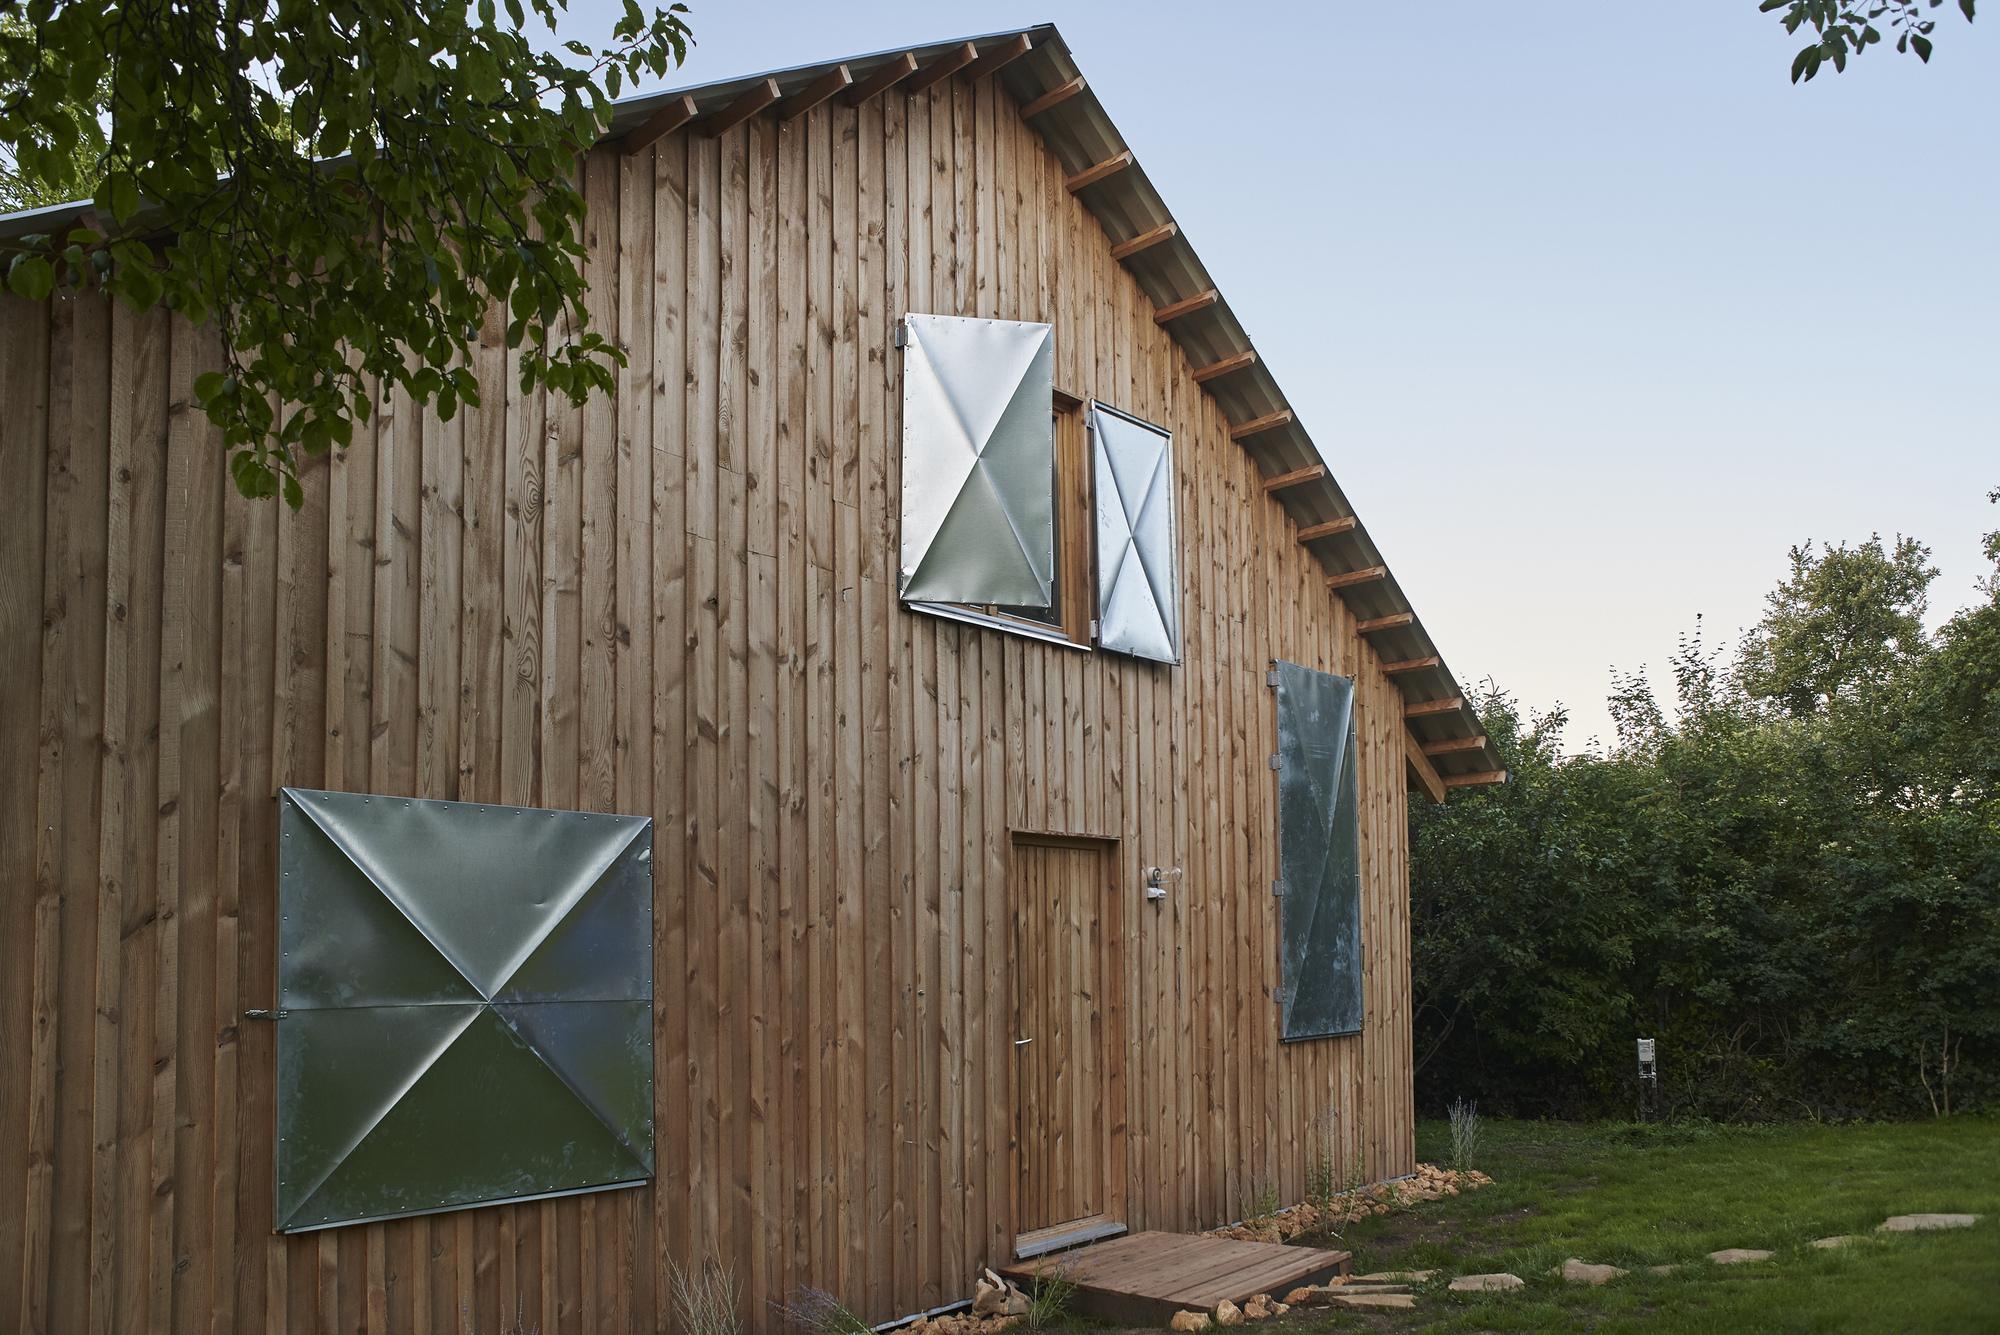 Galer a de la casa del dise ador gr fico architecture - Disenador de casas ...